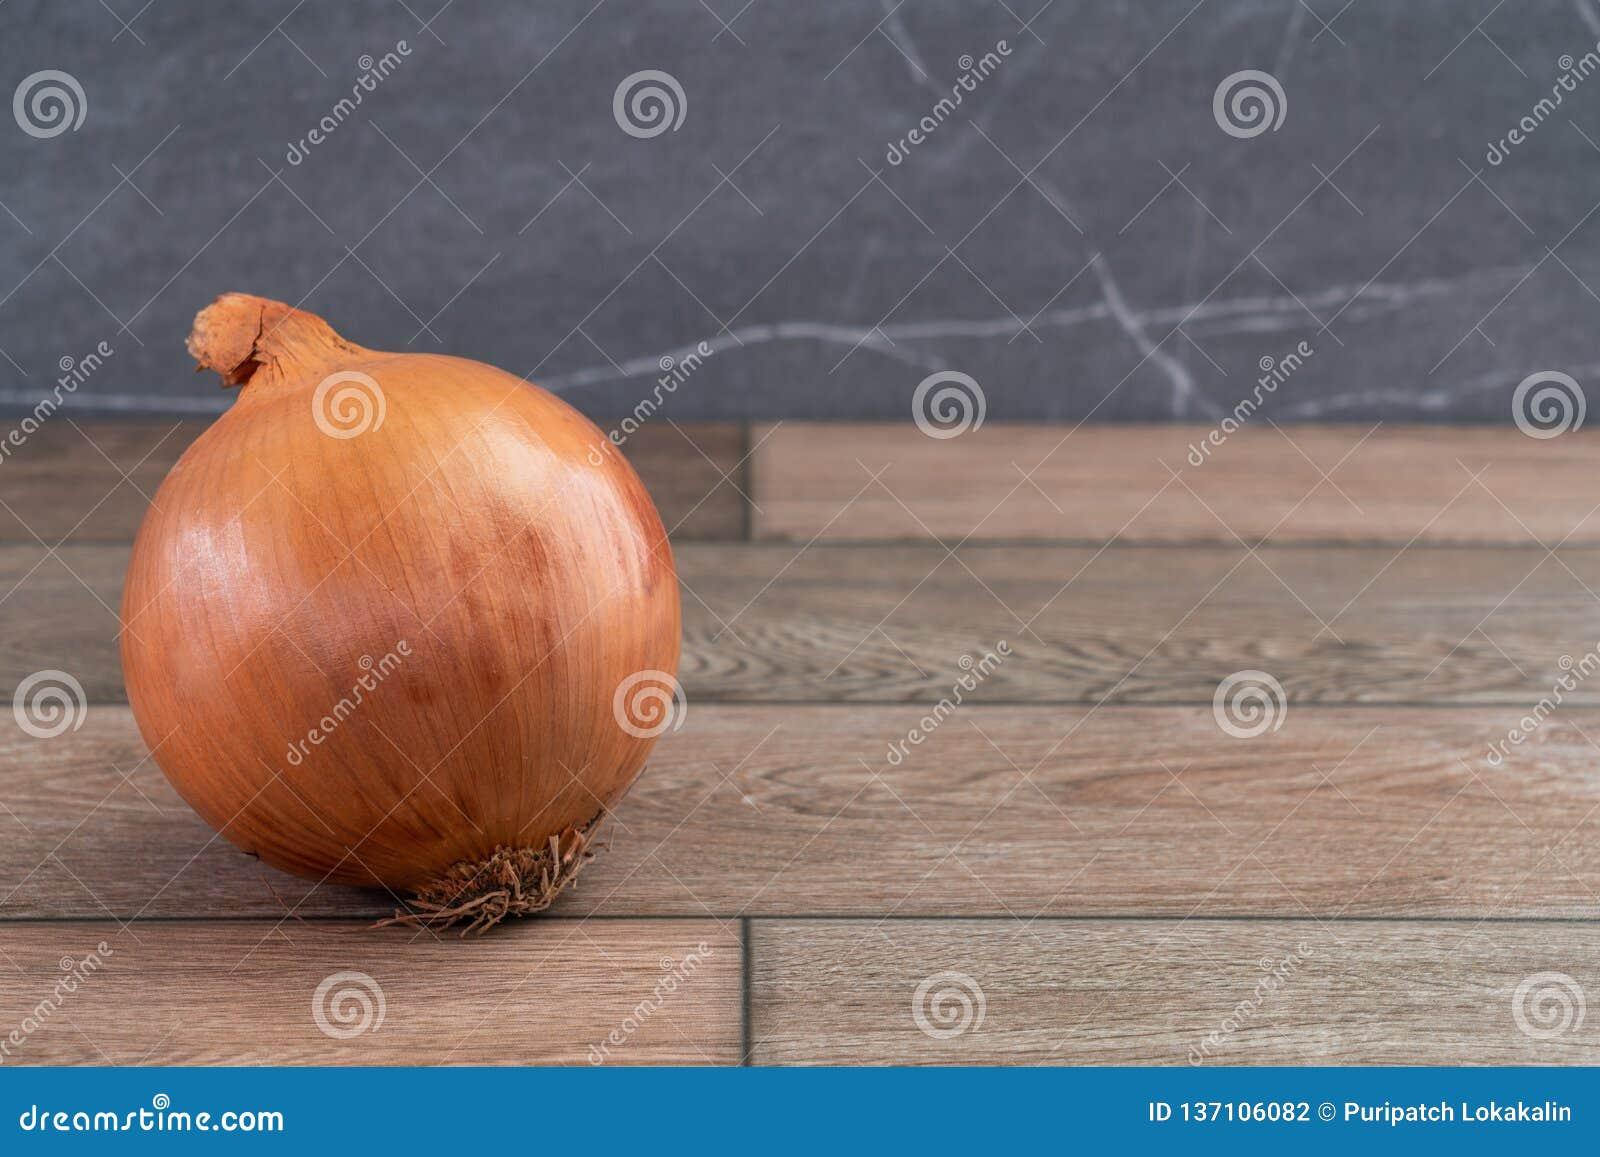 Un oignon simple sur le plancher en bois